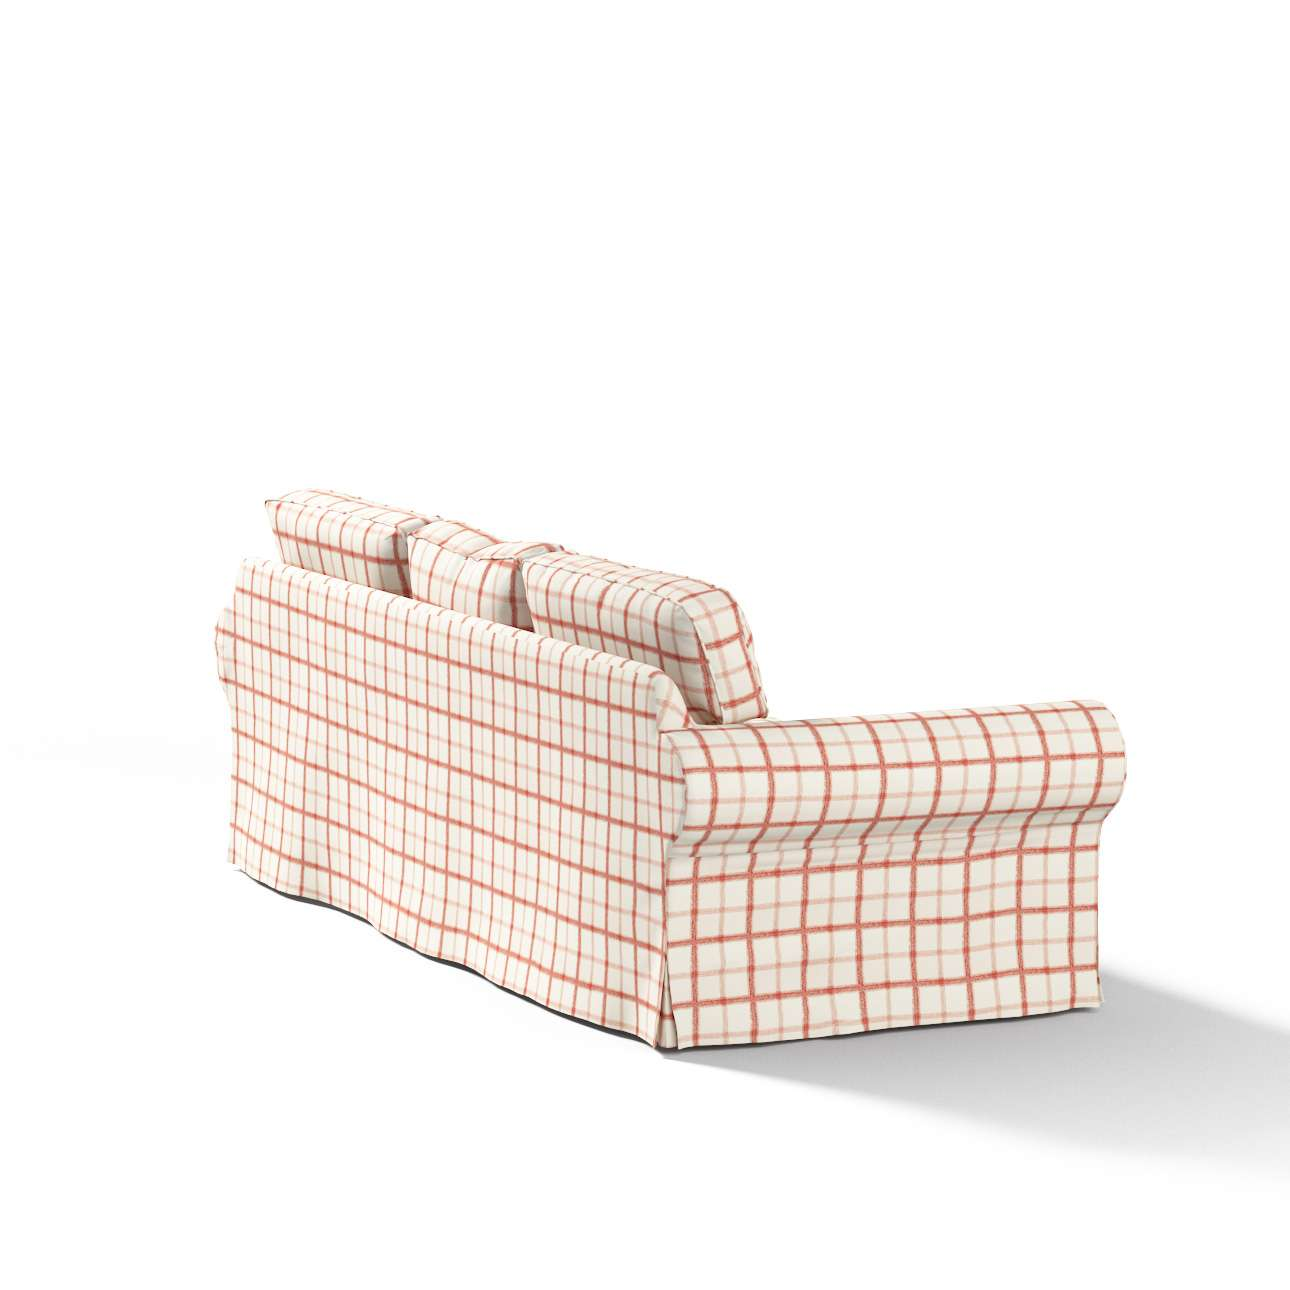 Pokrowiec na sofę Ektorp 3-osobową, rozkładaną STARY MODEL Sofa Ektorp 3-osobowa rozkładana w kolekcji Avinon, tkanina: 131-15